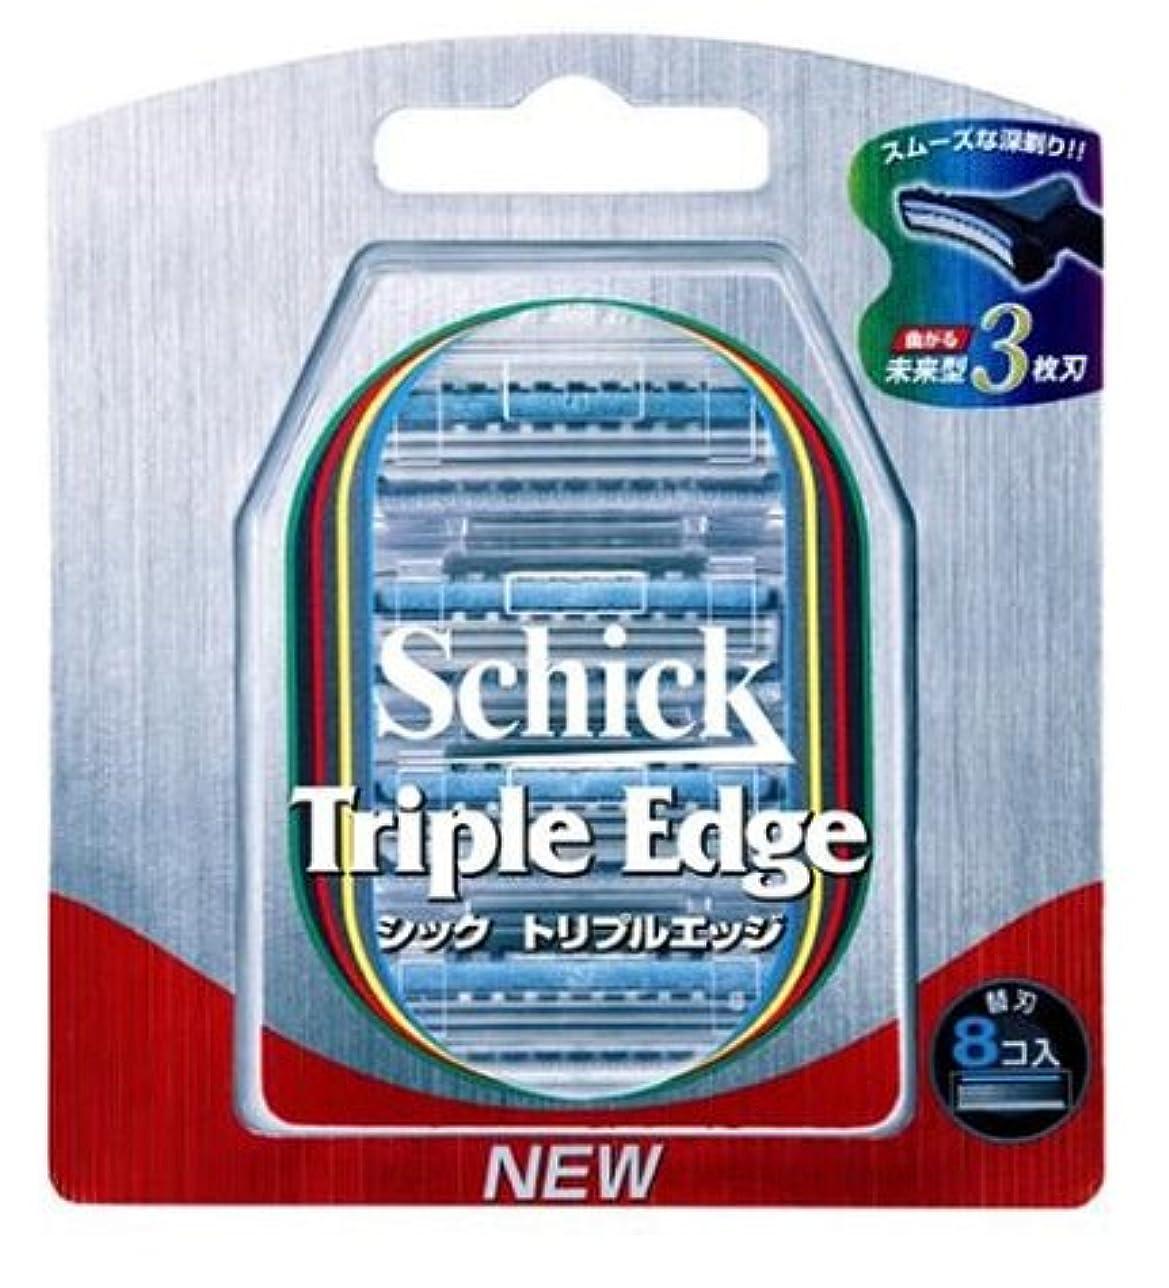 分割影響力のある呼ぶシック トリプルエッジ替刃 8コ入り